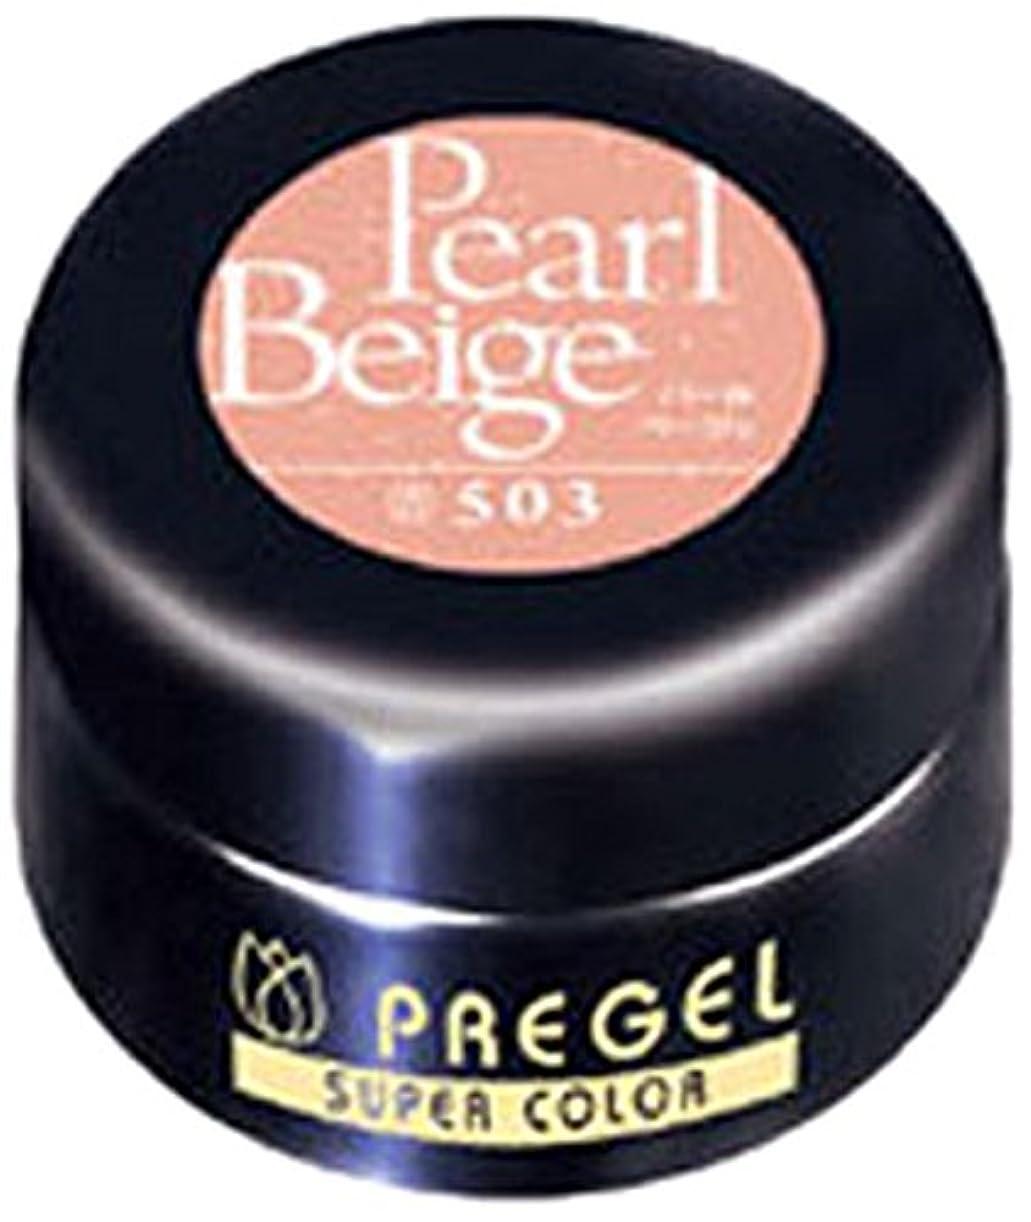 ステーキ電球ペナルティプリジェル ジェルネイル スーパーカラーEX パールベージュ 4g PG-SE503 カラージェル UV/LED対応